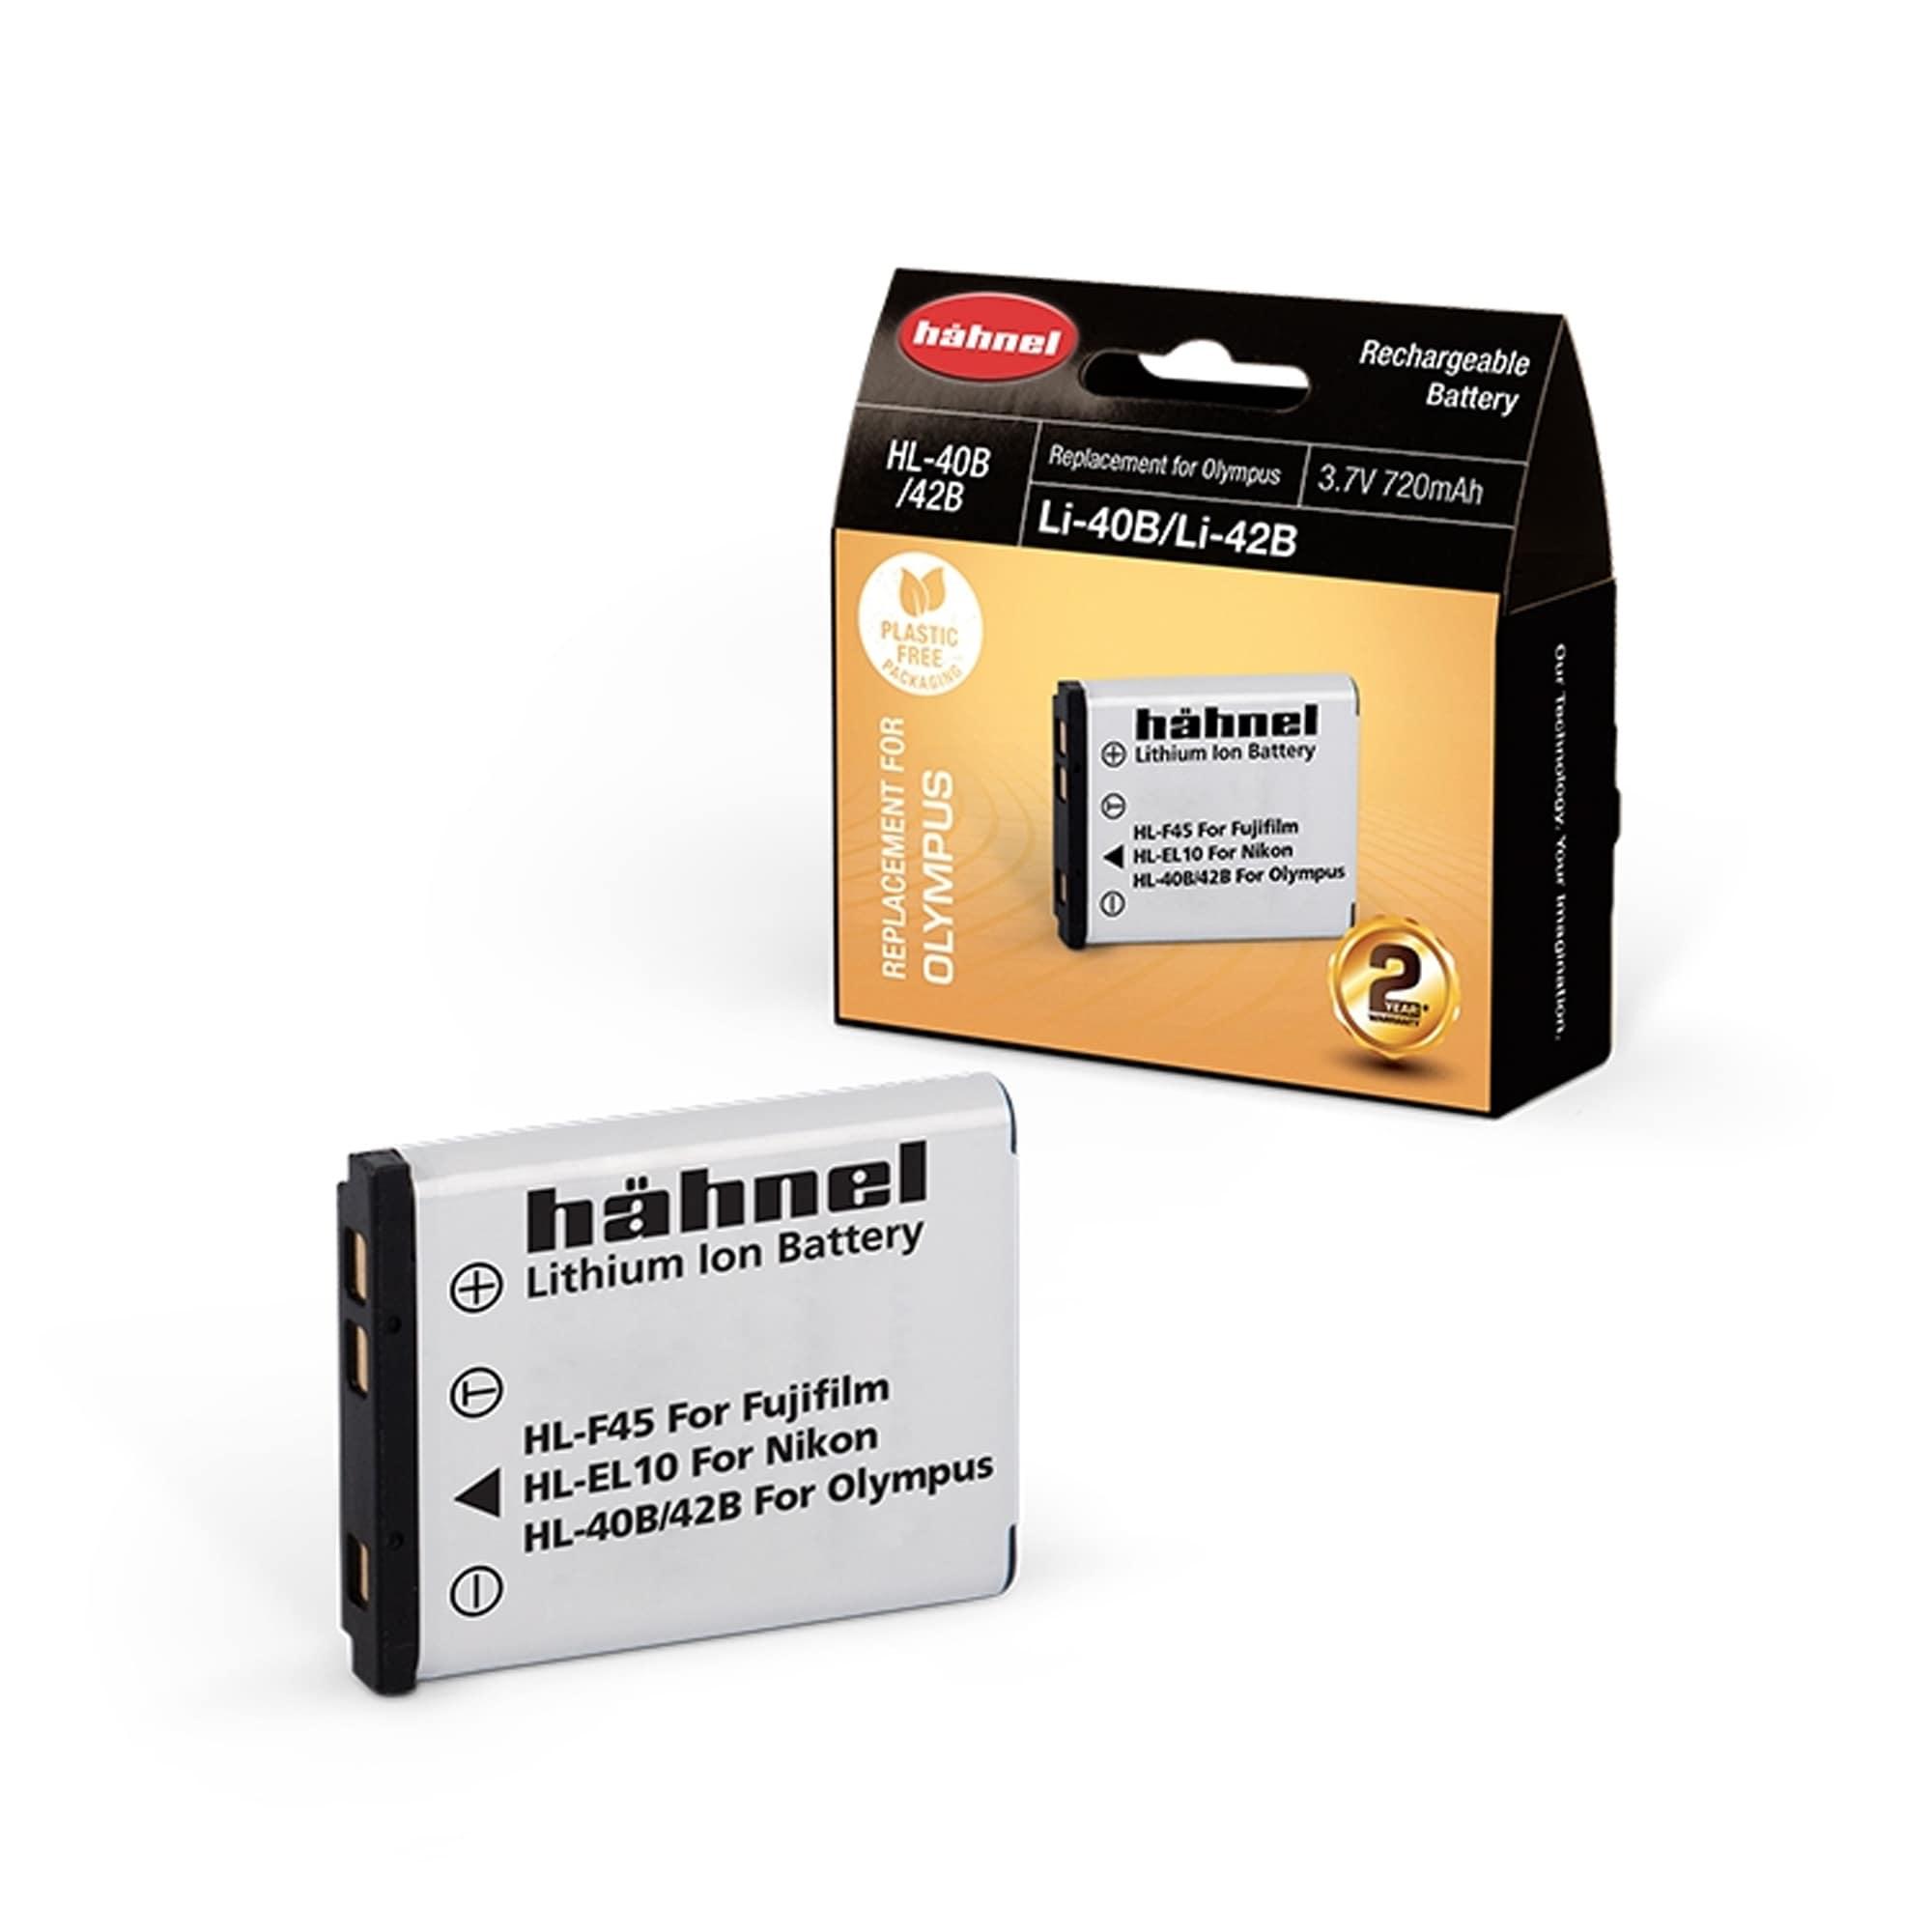 Hähnel battery olympus HL-40b/42B